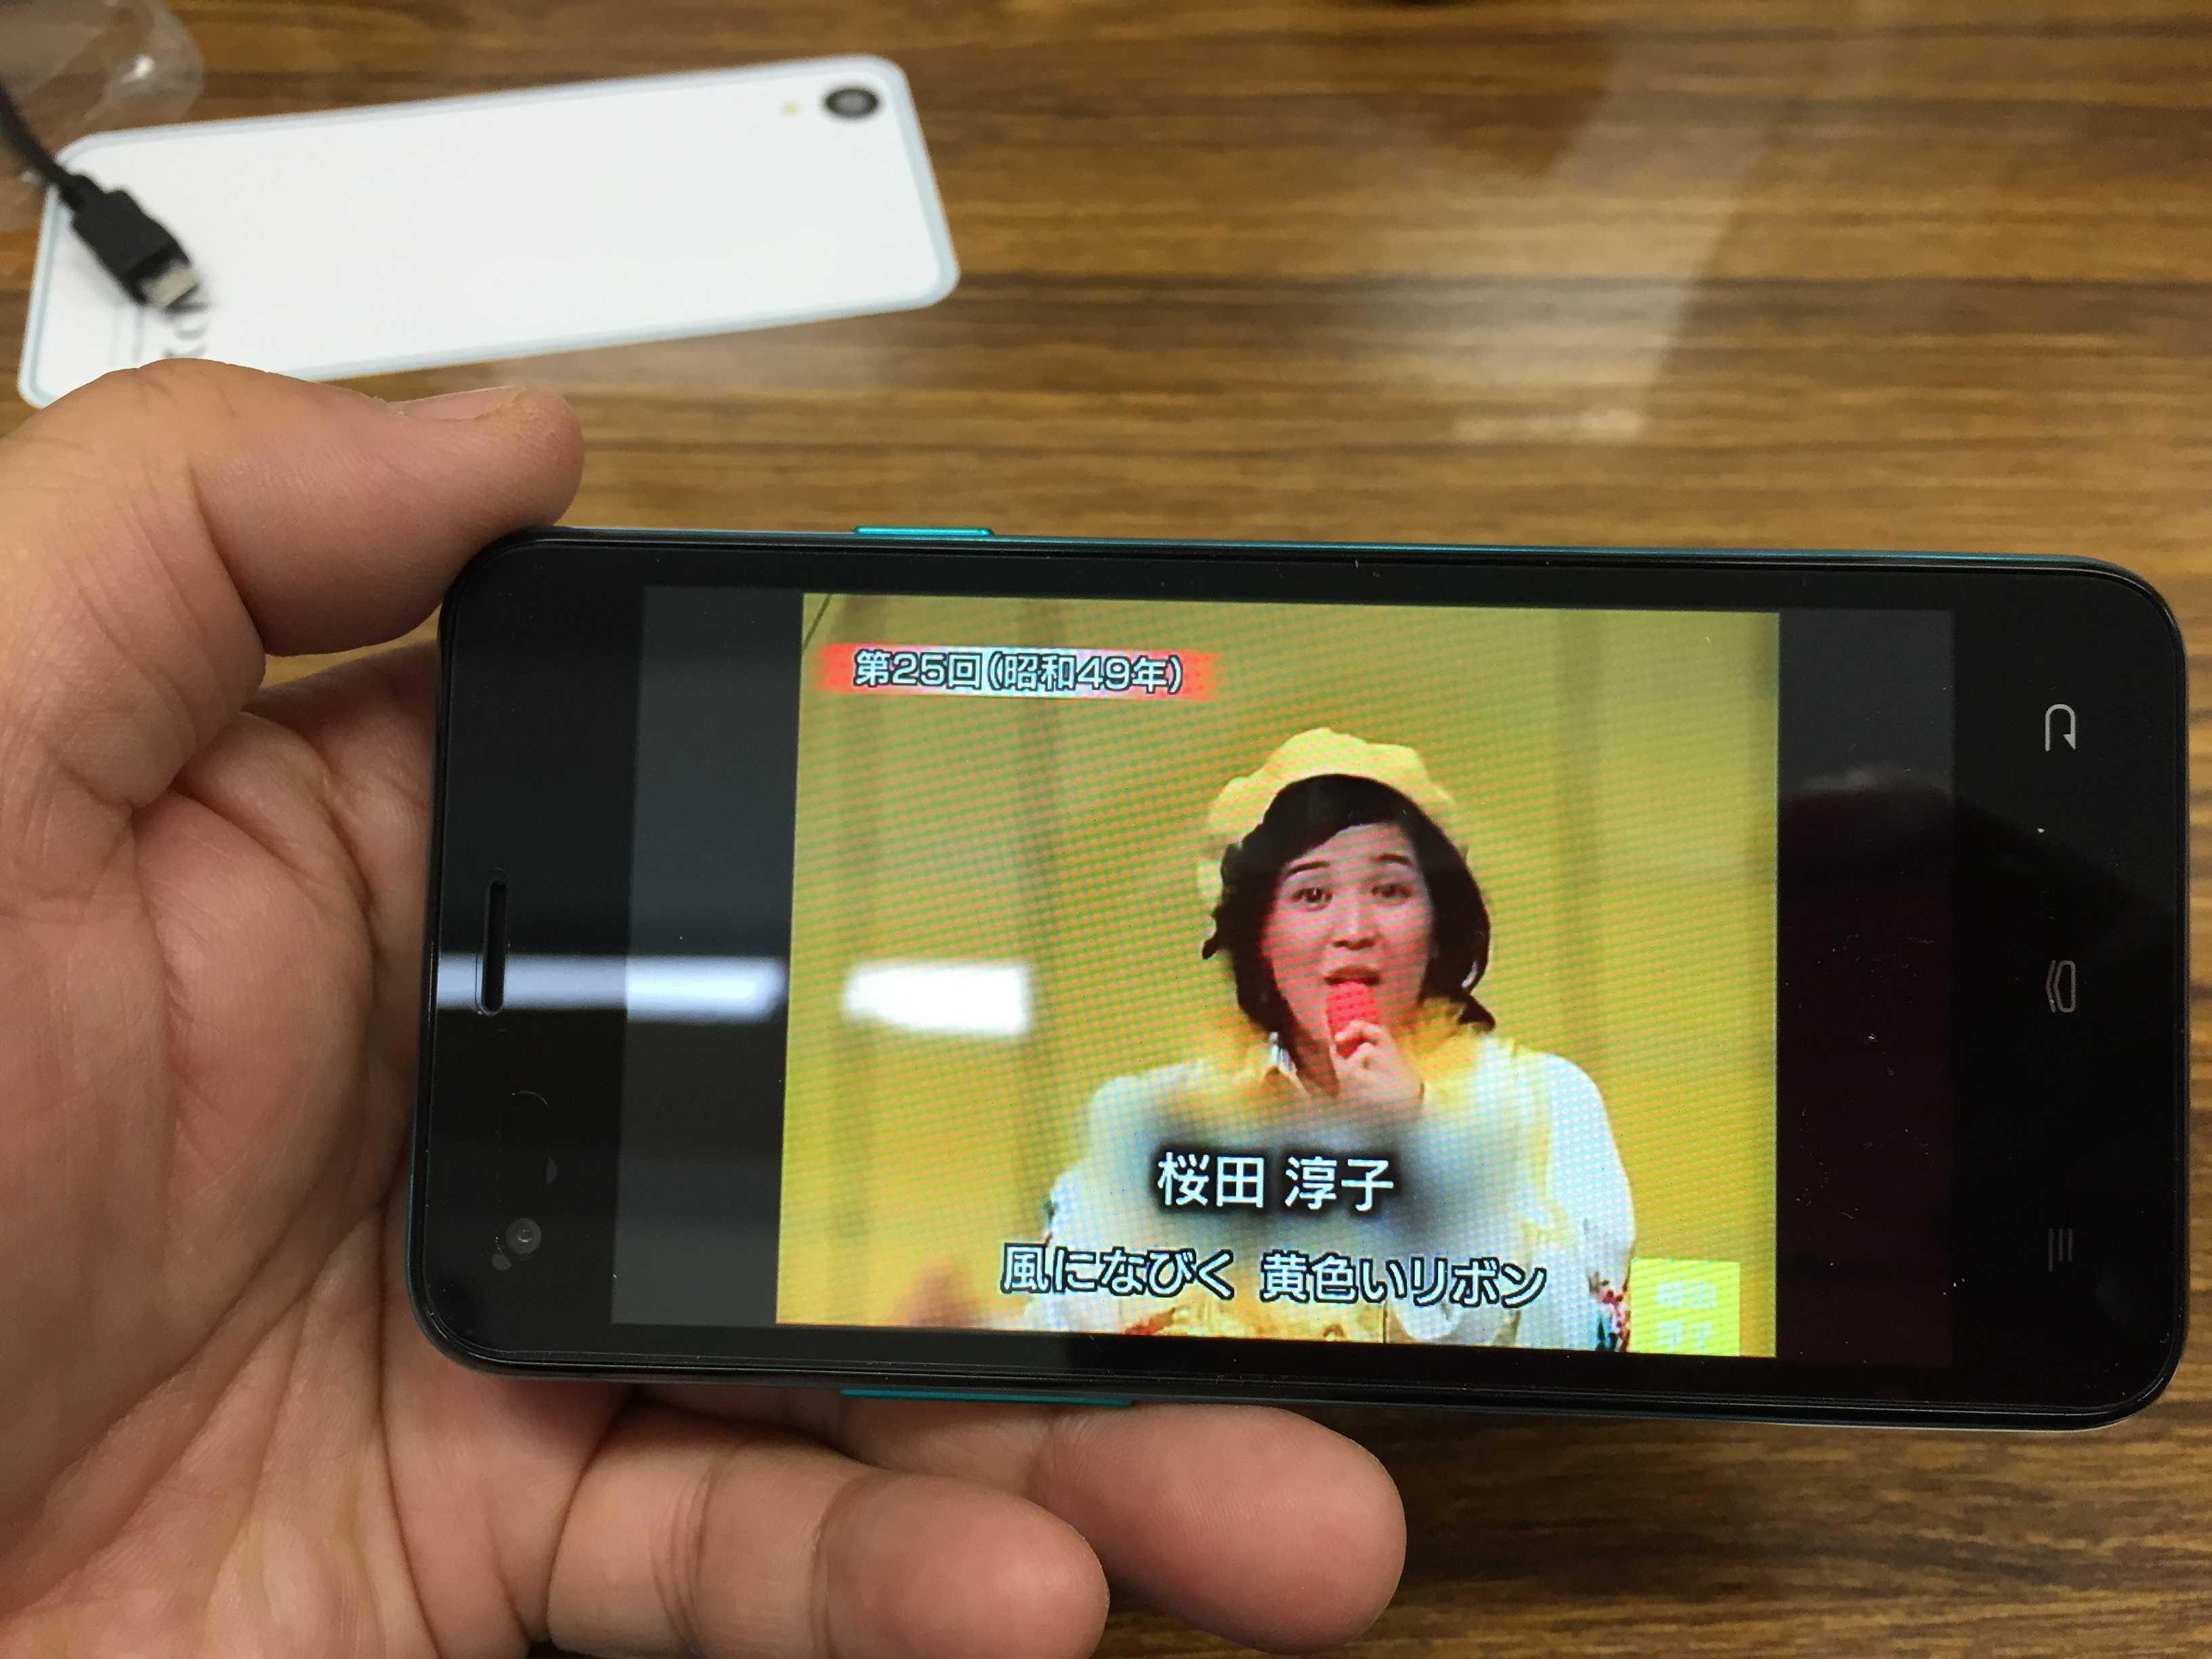 SIMフリースマホ: UPQ(アップ・キュー)Phone A01 - YouTube動画